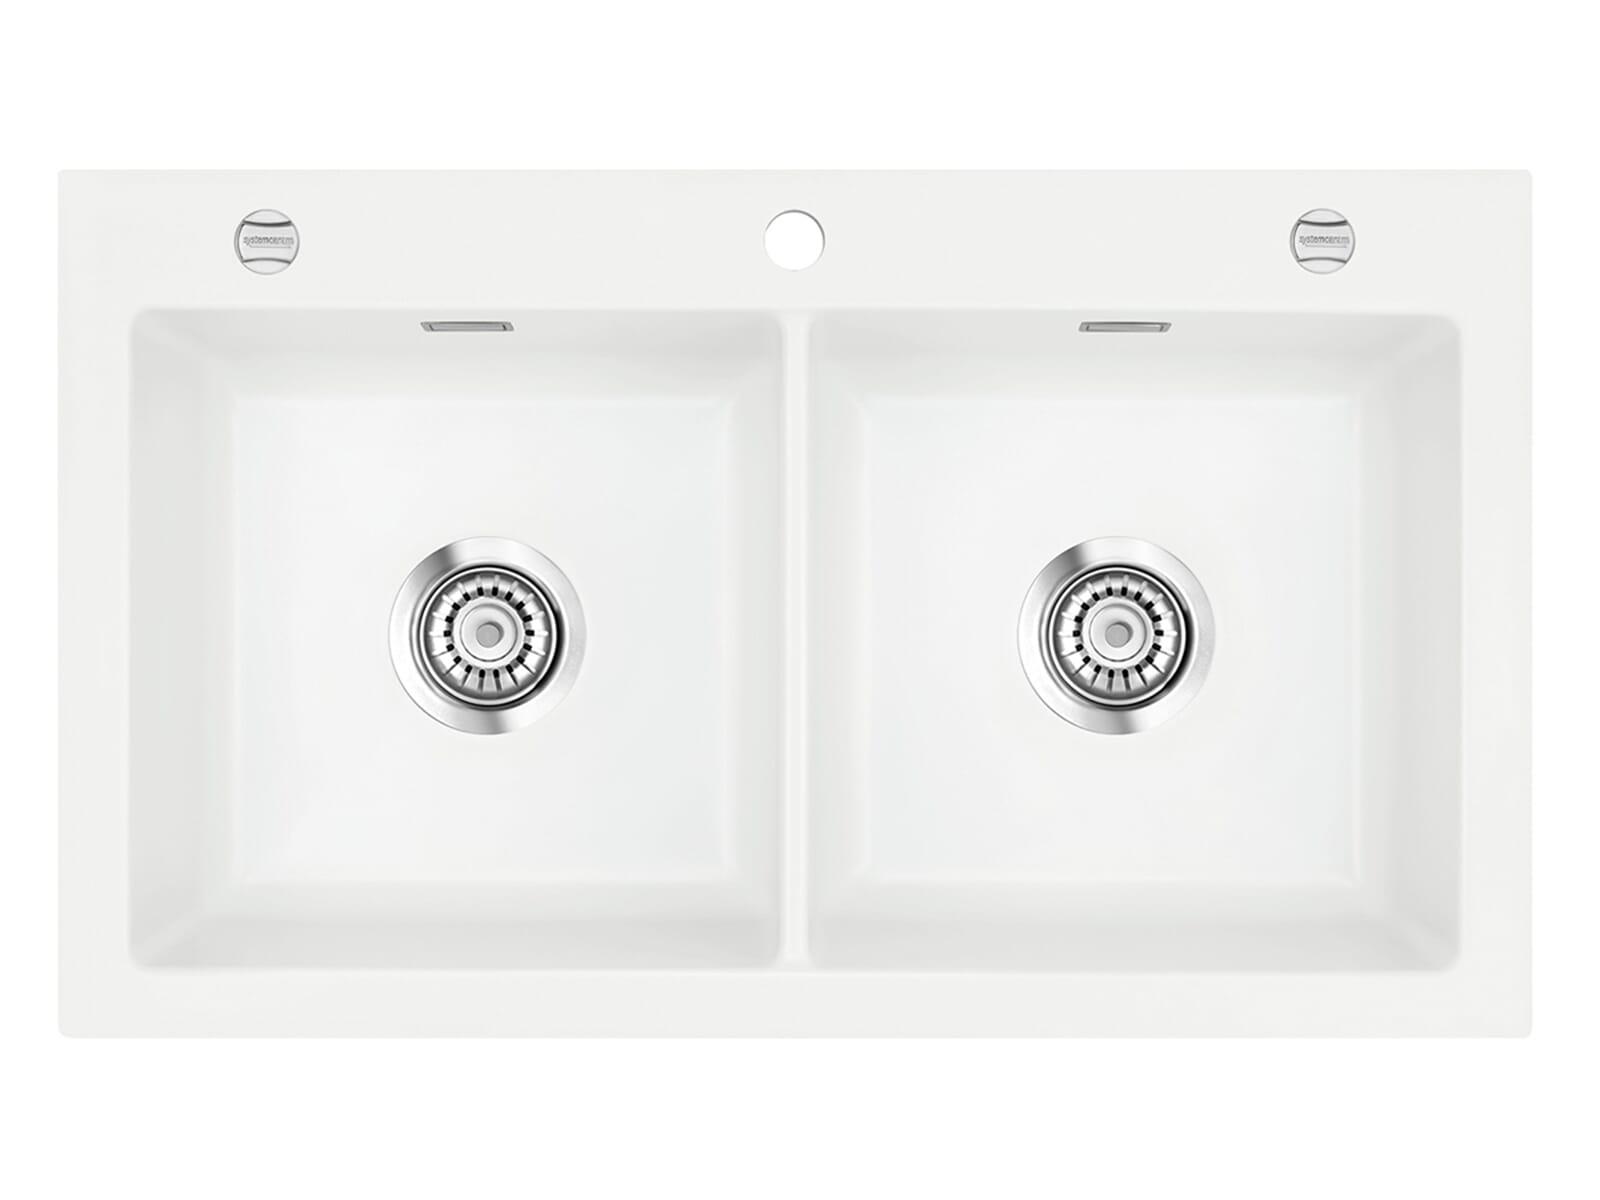 Systemceram Mera Twin Polar Keramikspüle Excenterbetätigung